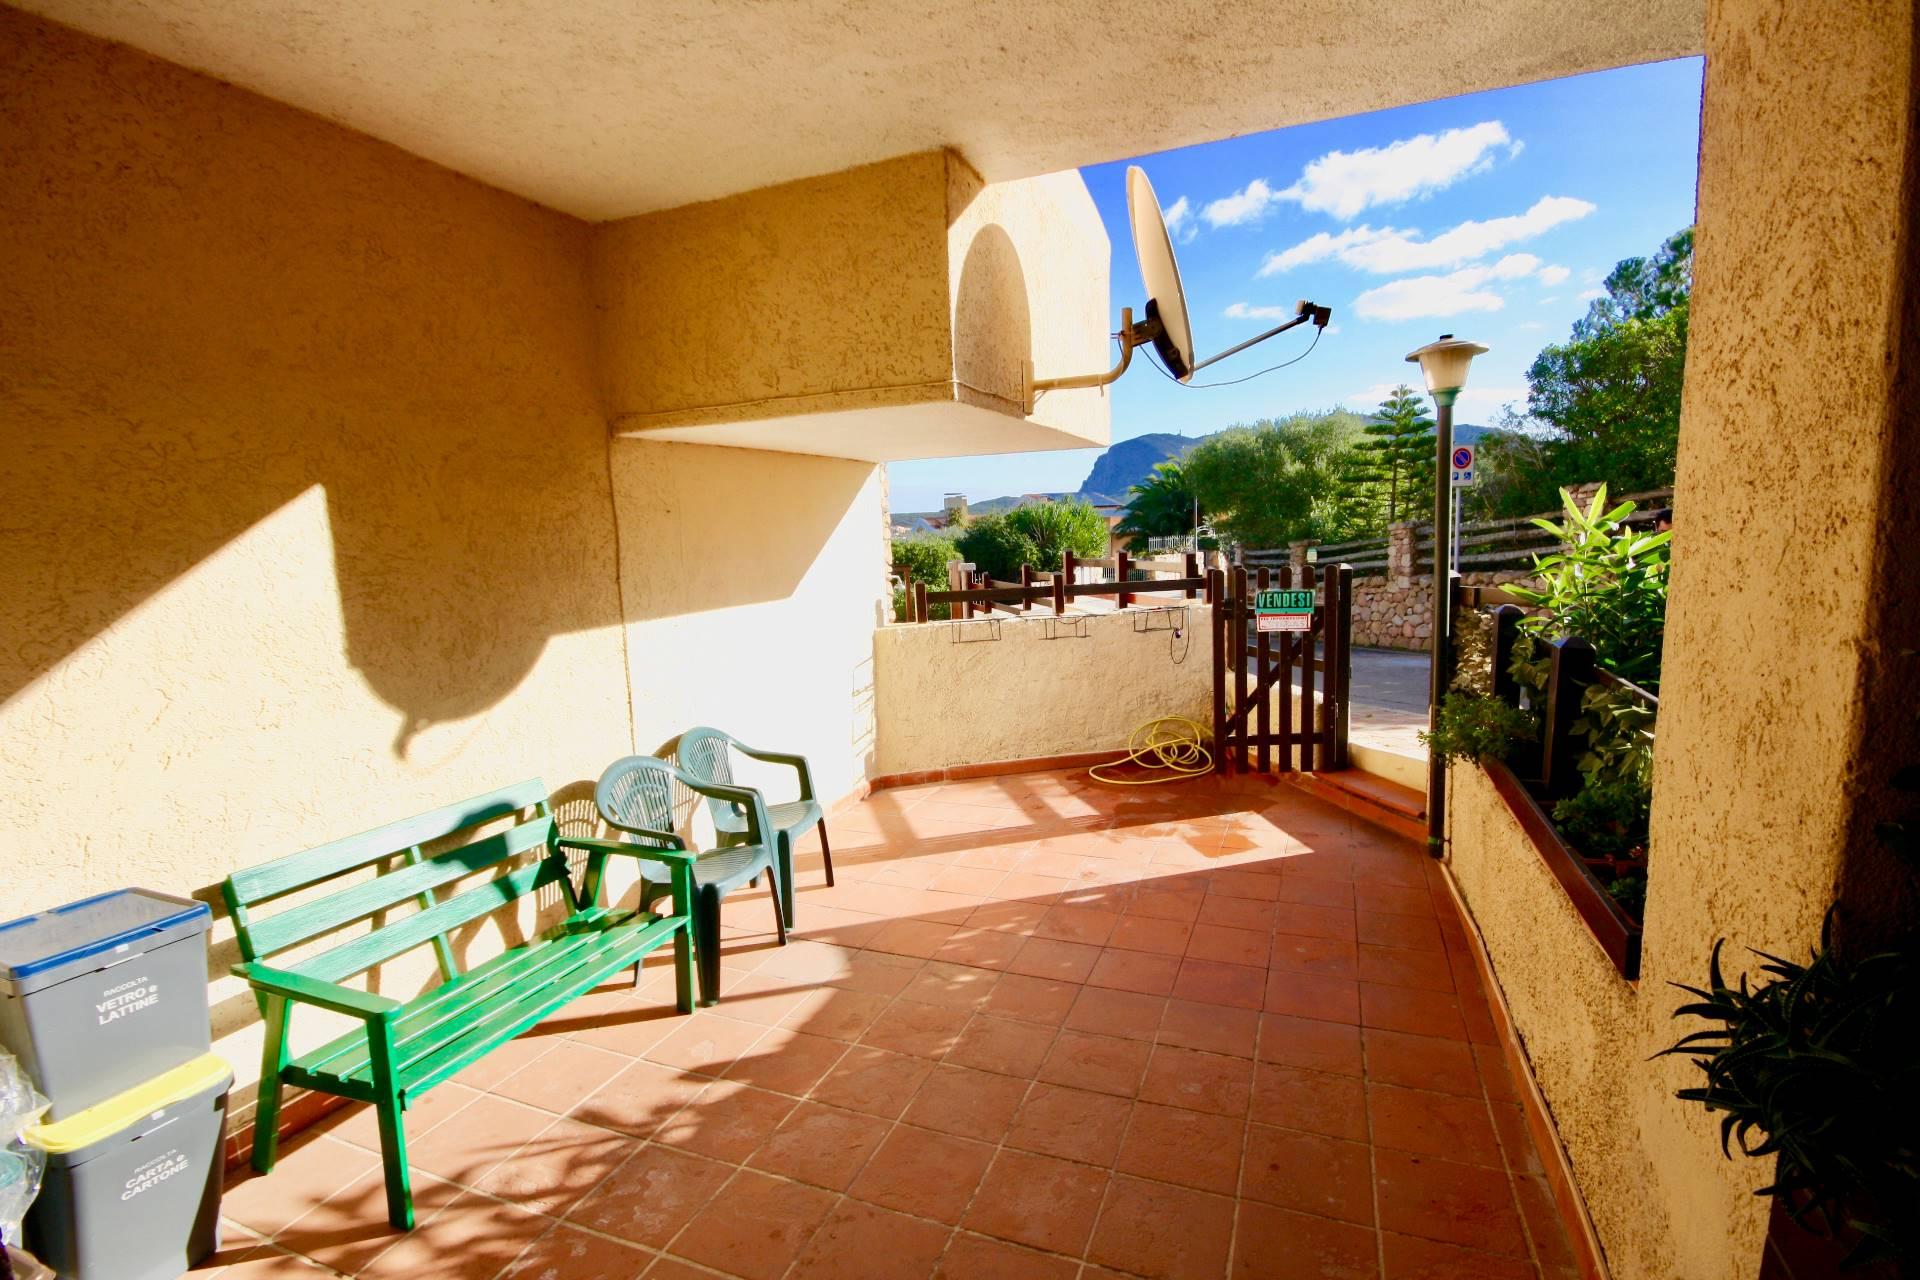 Appartamento in vendita a Golfo Aranci, 3 locali, zona Località: BaiaCaddinas, prezzo € 110.000 | CambioCasa.it